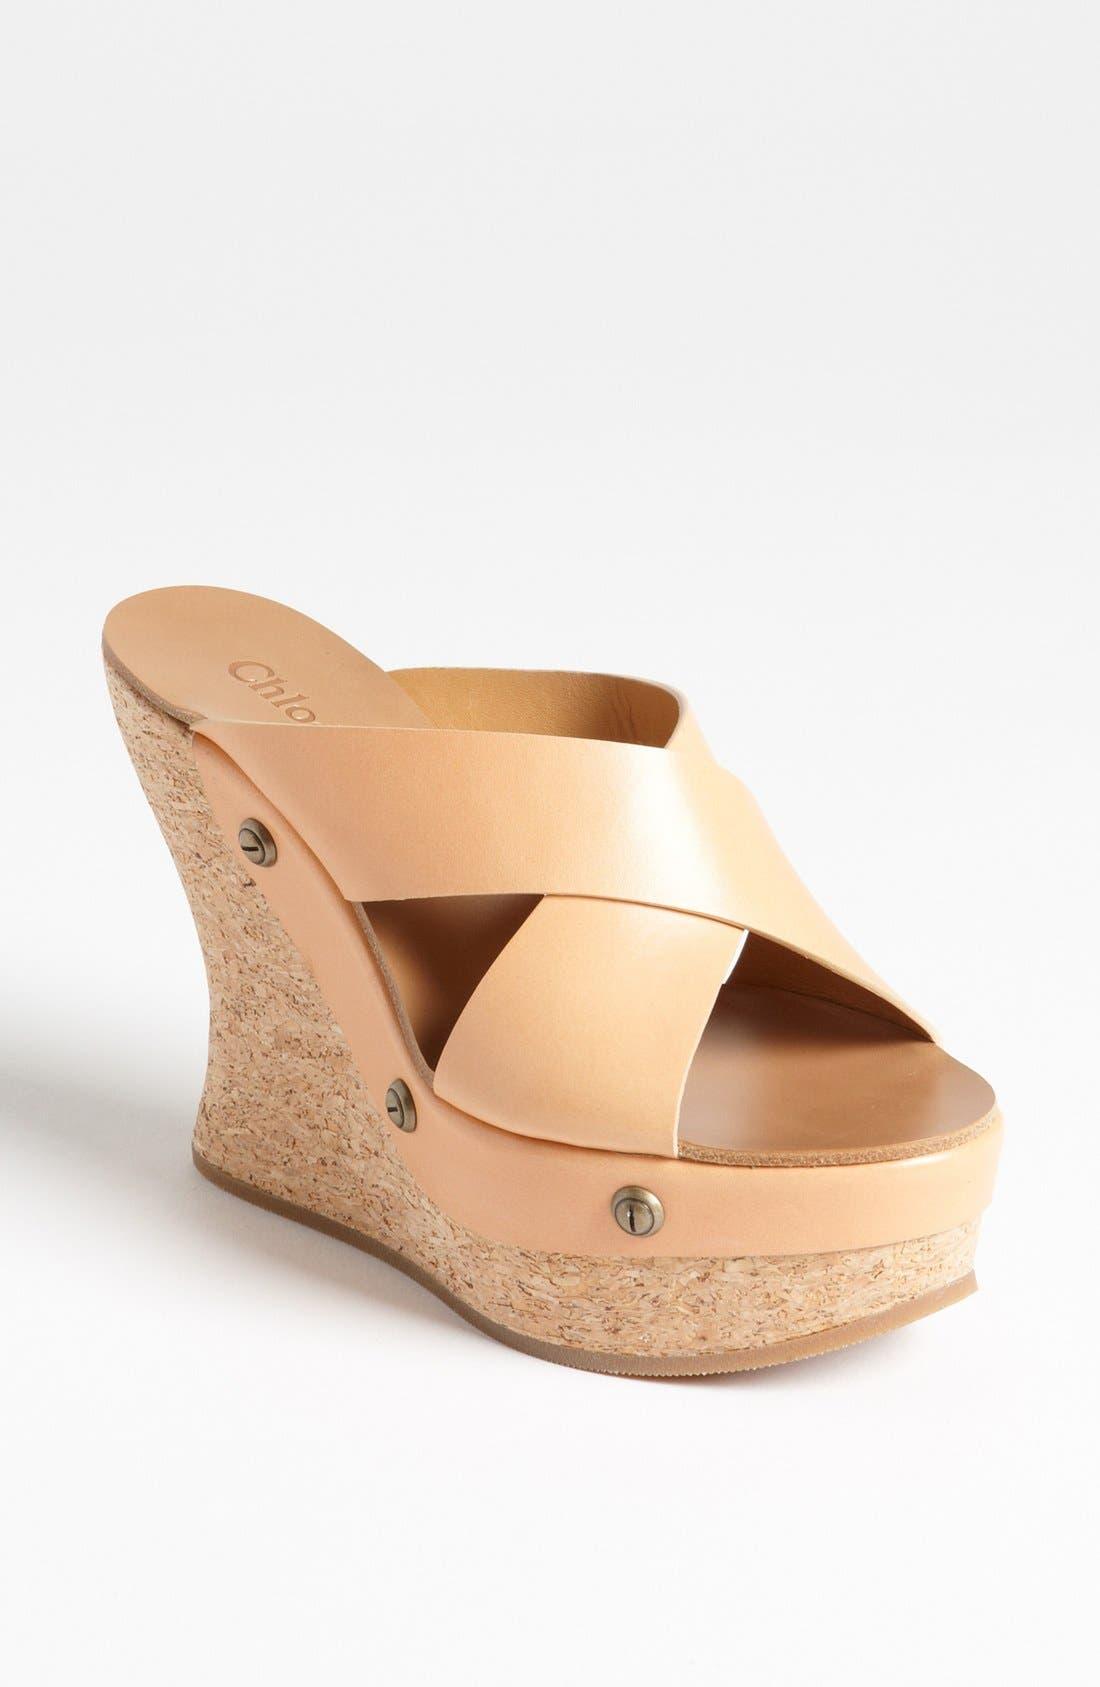 Main Image - Chloé Cork Platform Wedge Sandal